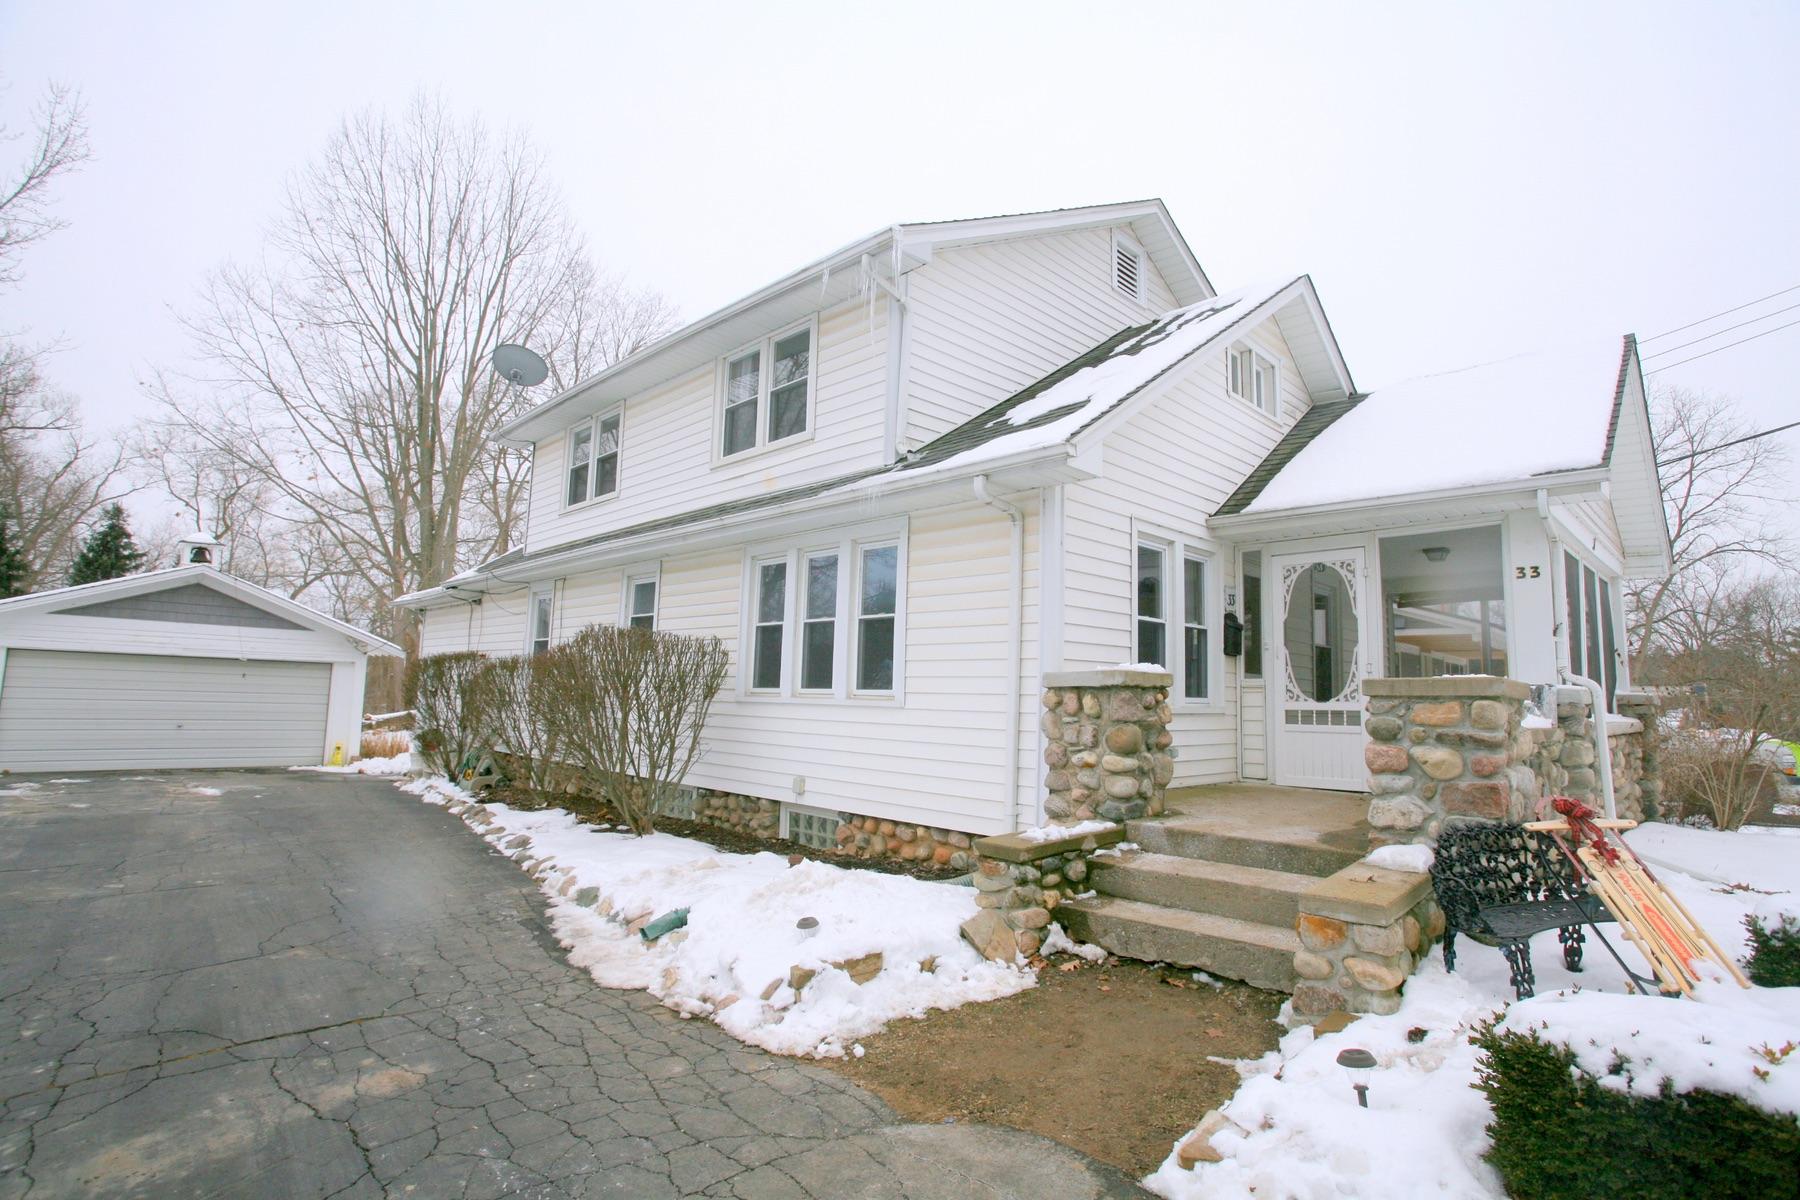 Single Family Homes para Venda às Village Of Clarkston 33 Miller Rd, Other Areas, Michigan 48345 Estados Unidos